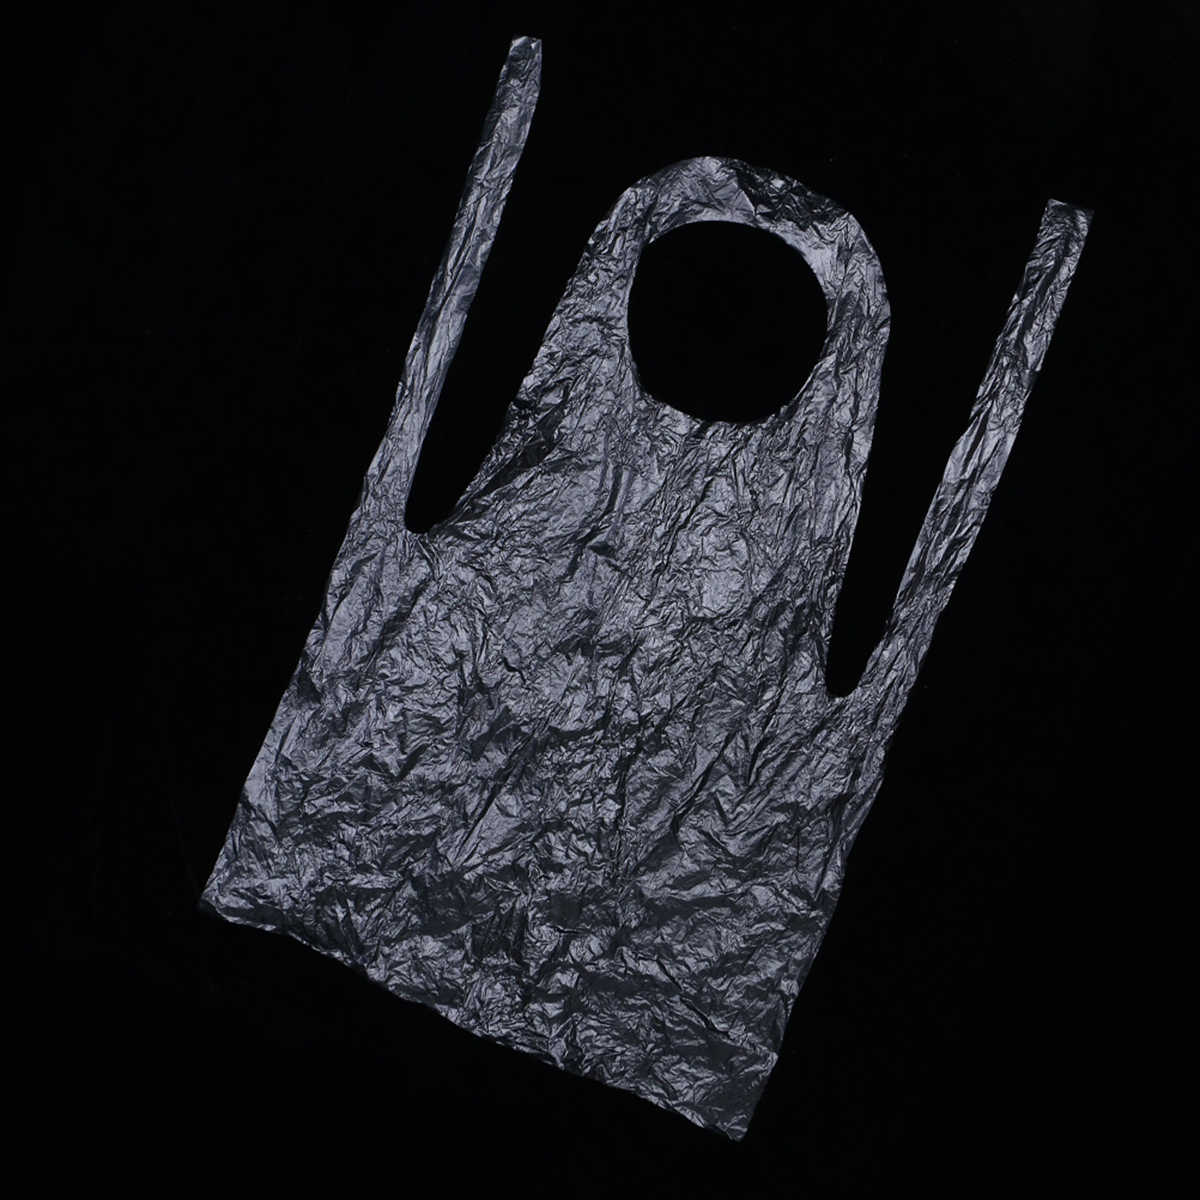 50pcs Unisex Grembiuli Grembiuli Monouso Grembiule Impermeabile Per La Donna Degli Uomini Prova di Olio Da Cucina Antivegetativa PE di Plastica Grembiule Da Cucina Pittura